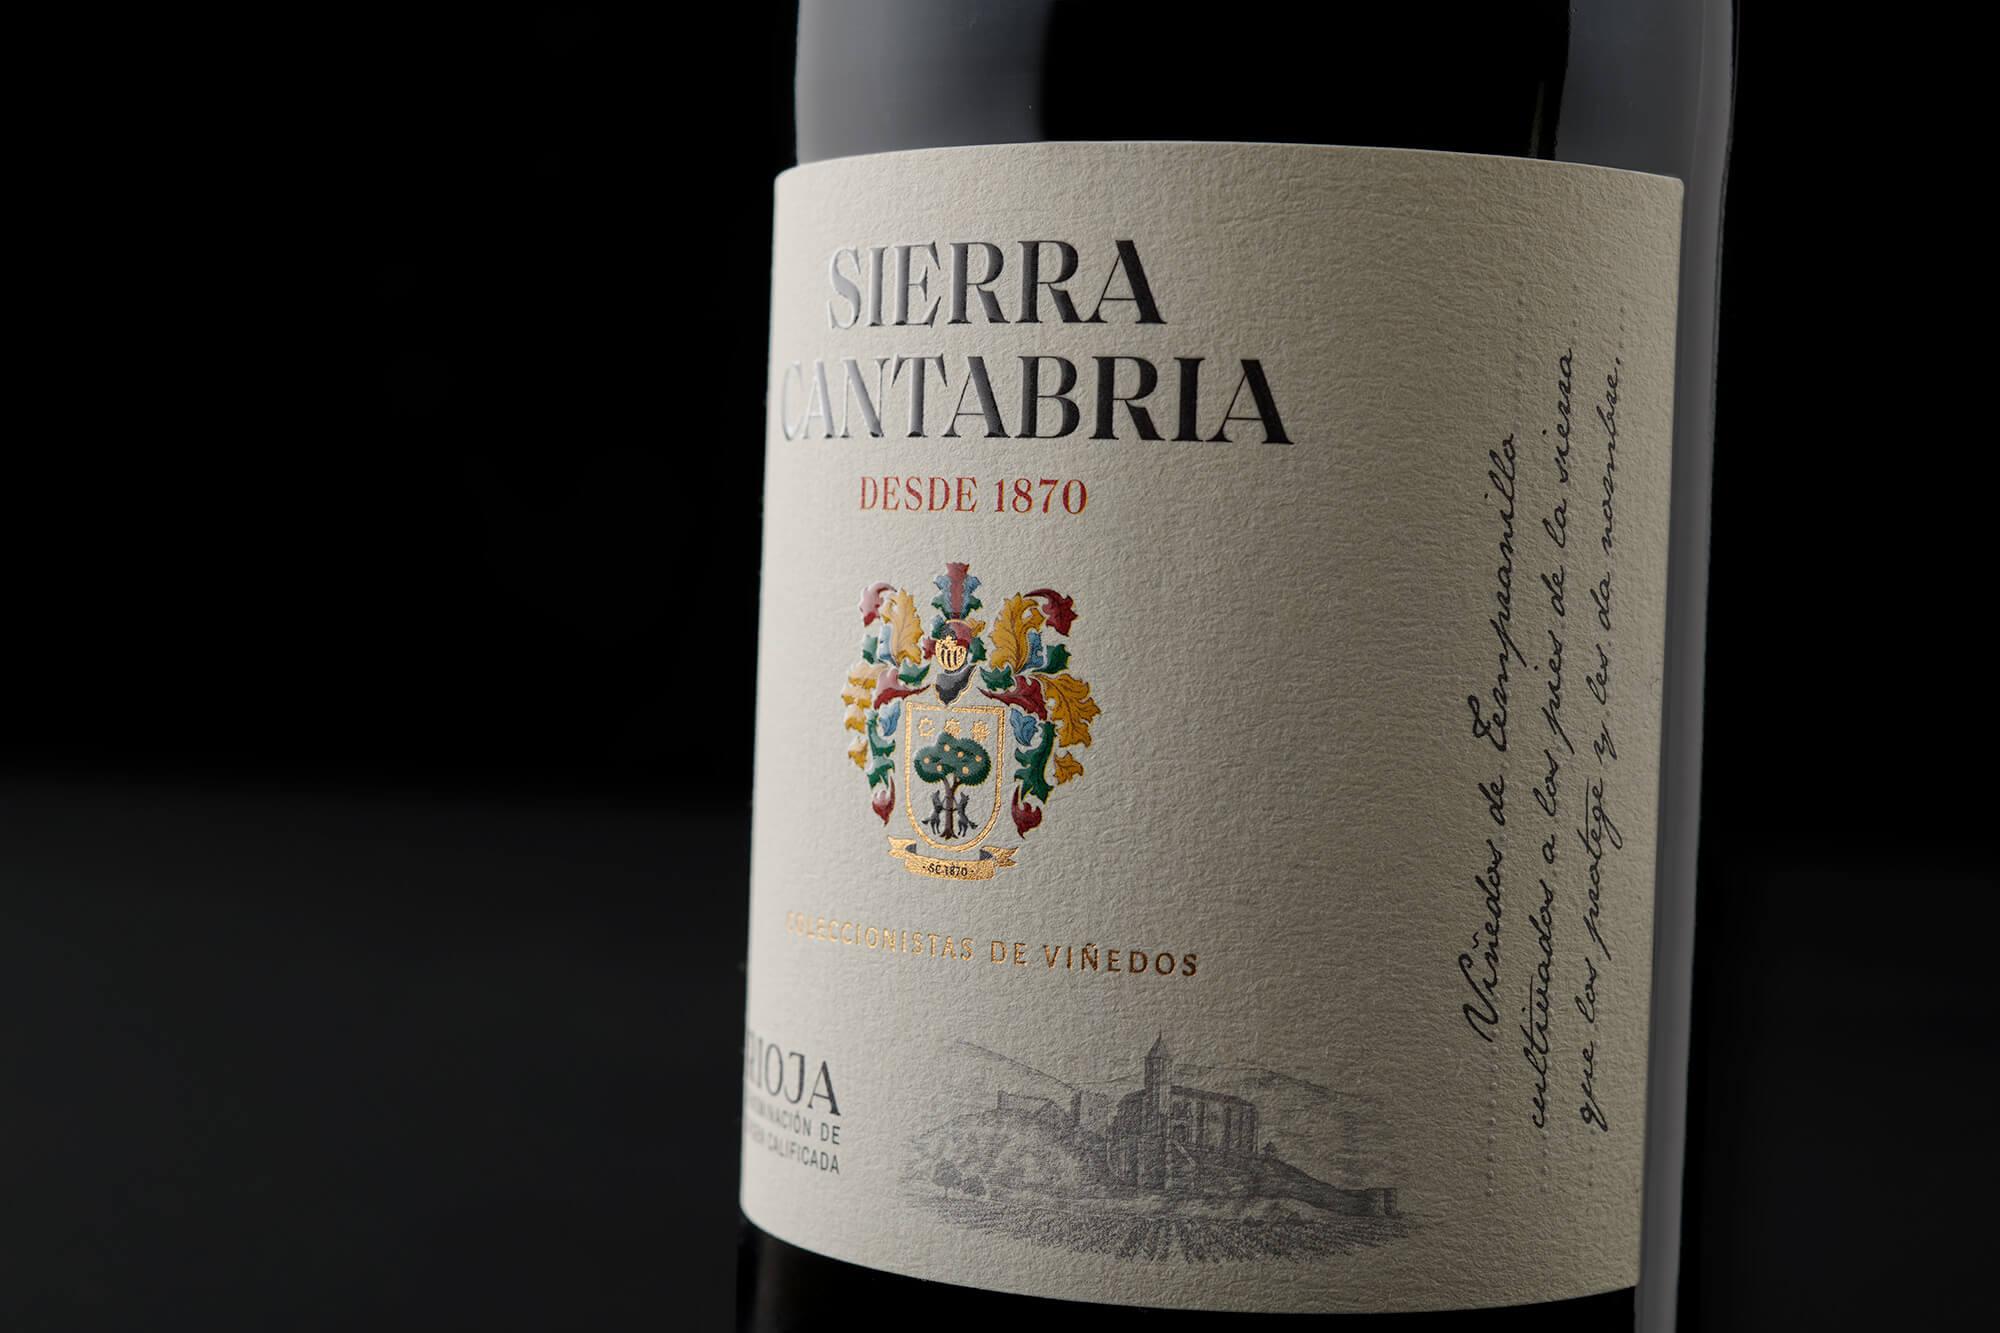 Sierra Cantabria18